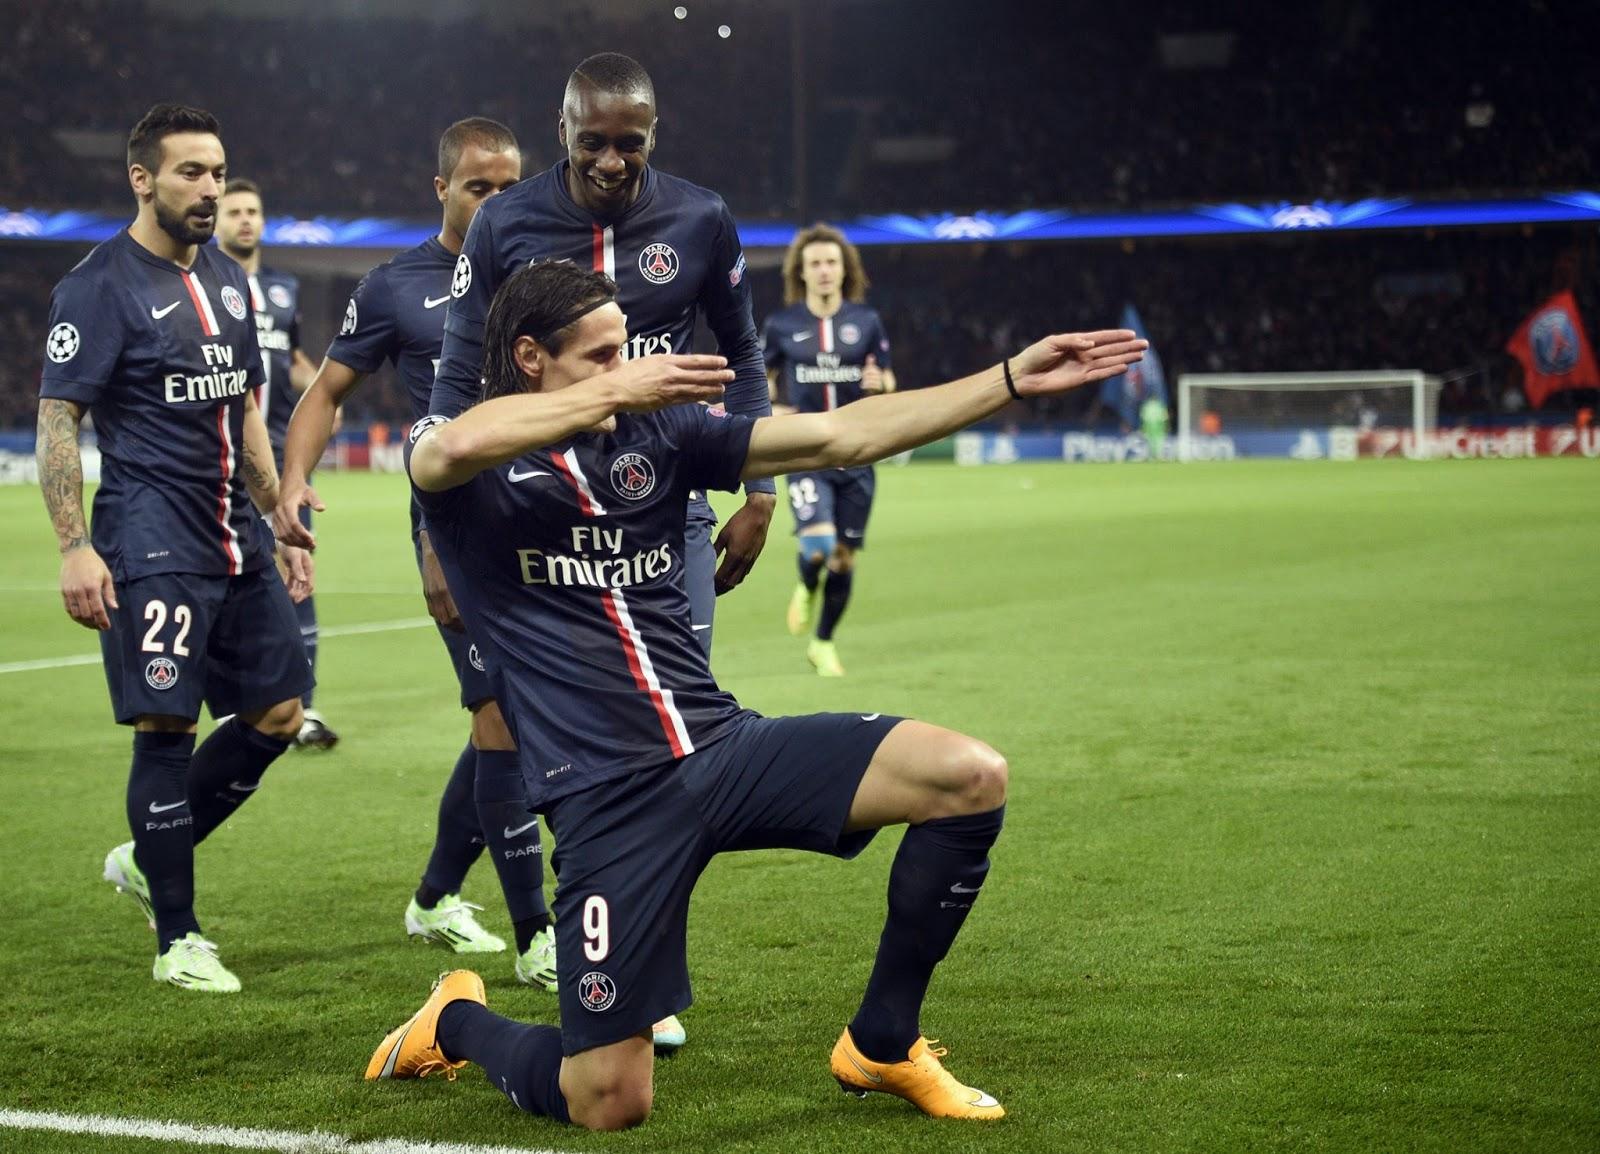 Foto Cavani autore del gol della vittoria del PSG